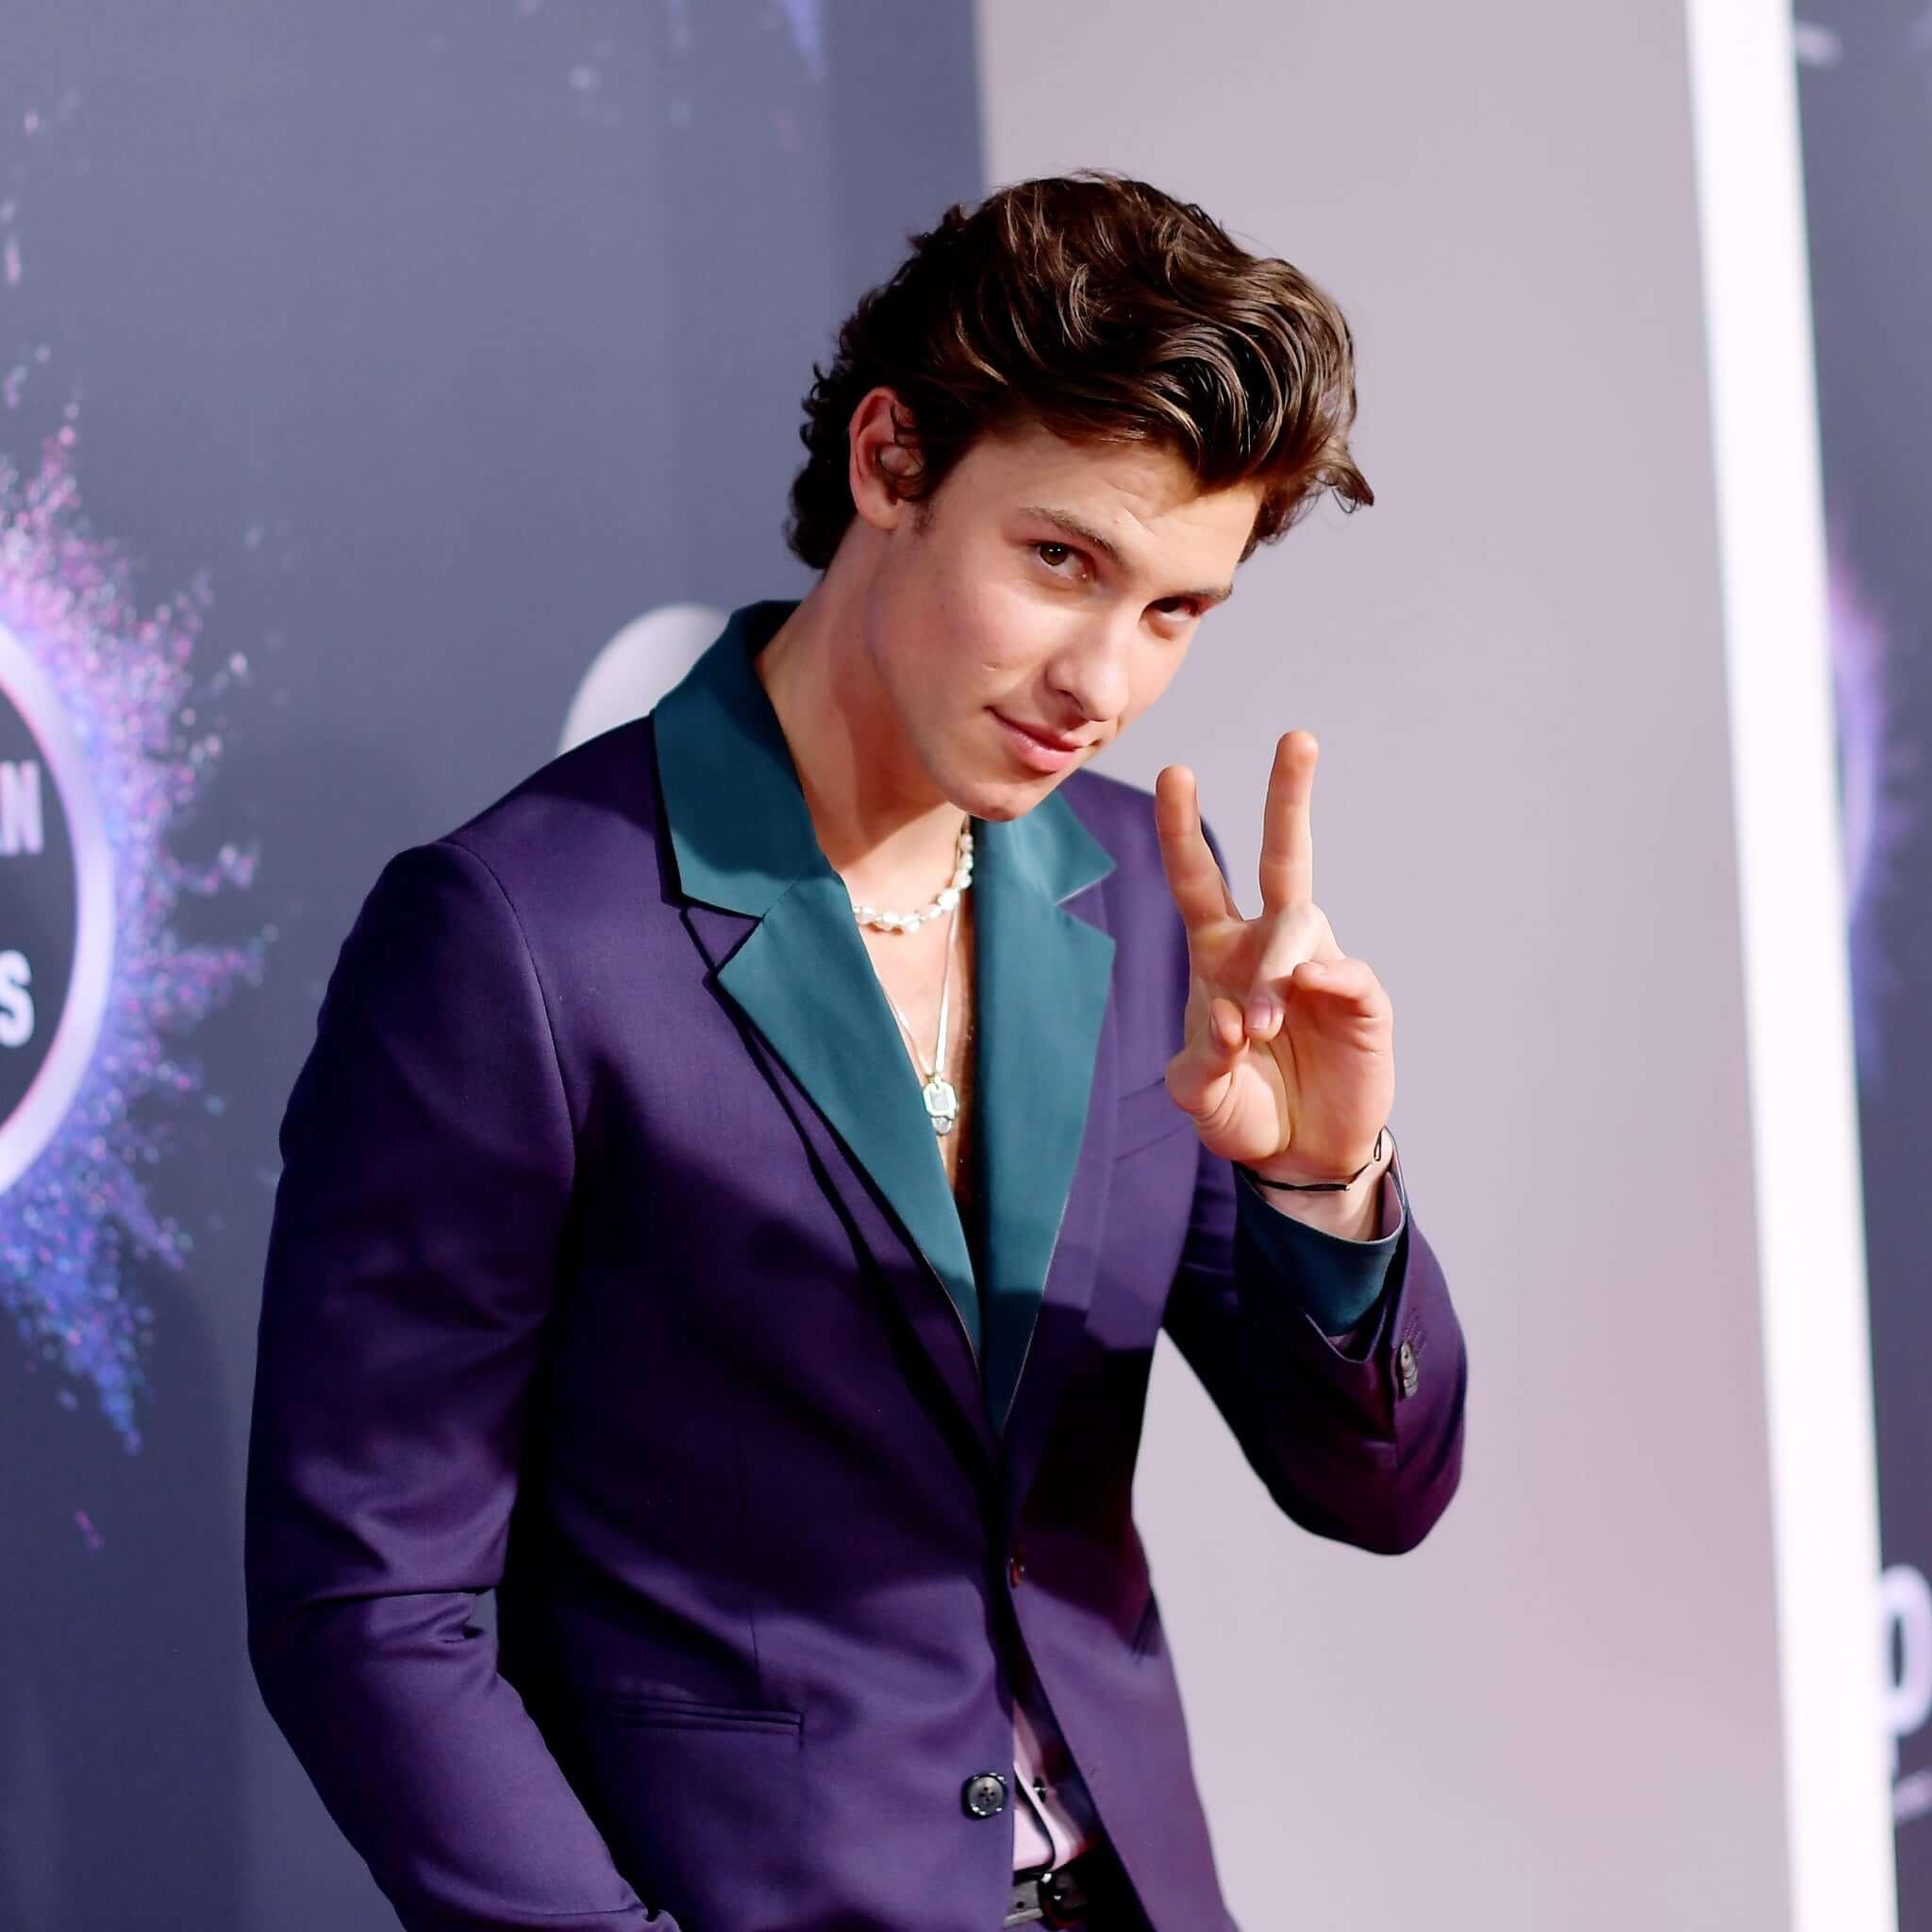 加拿大唱作歌手Shawn Mendes的復古西裝造型配珍珠鏈亦別具公子味道。